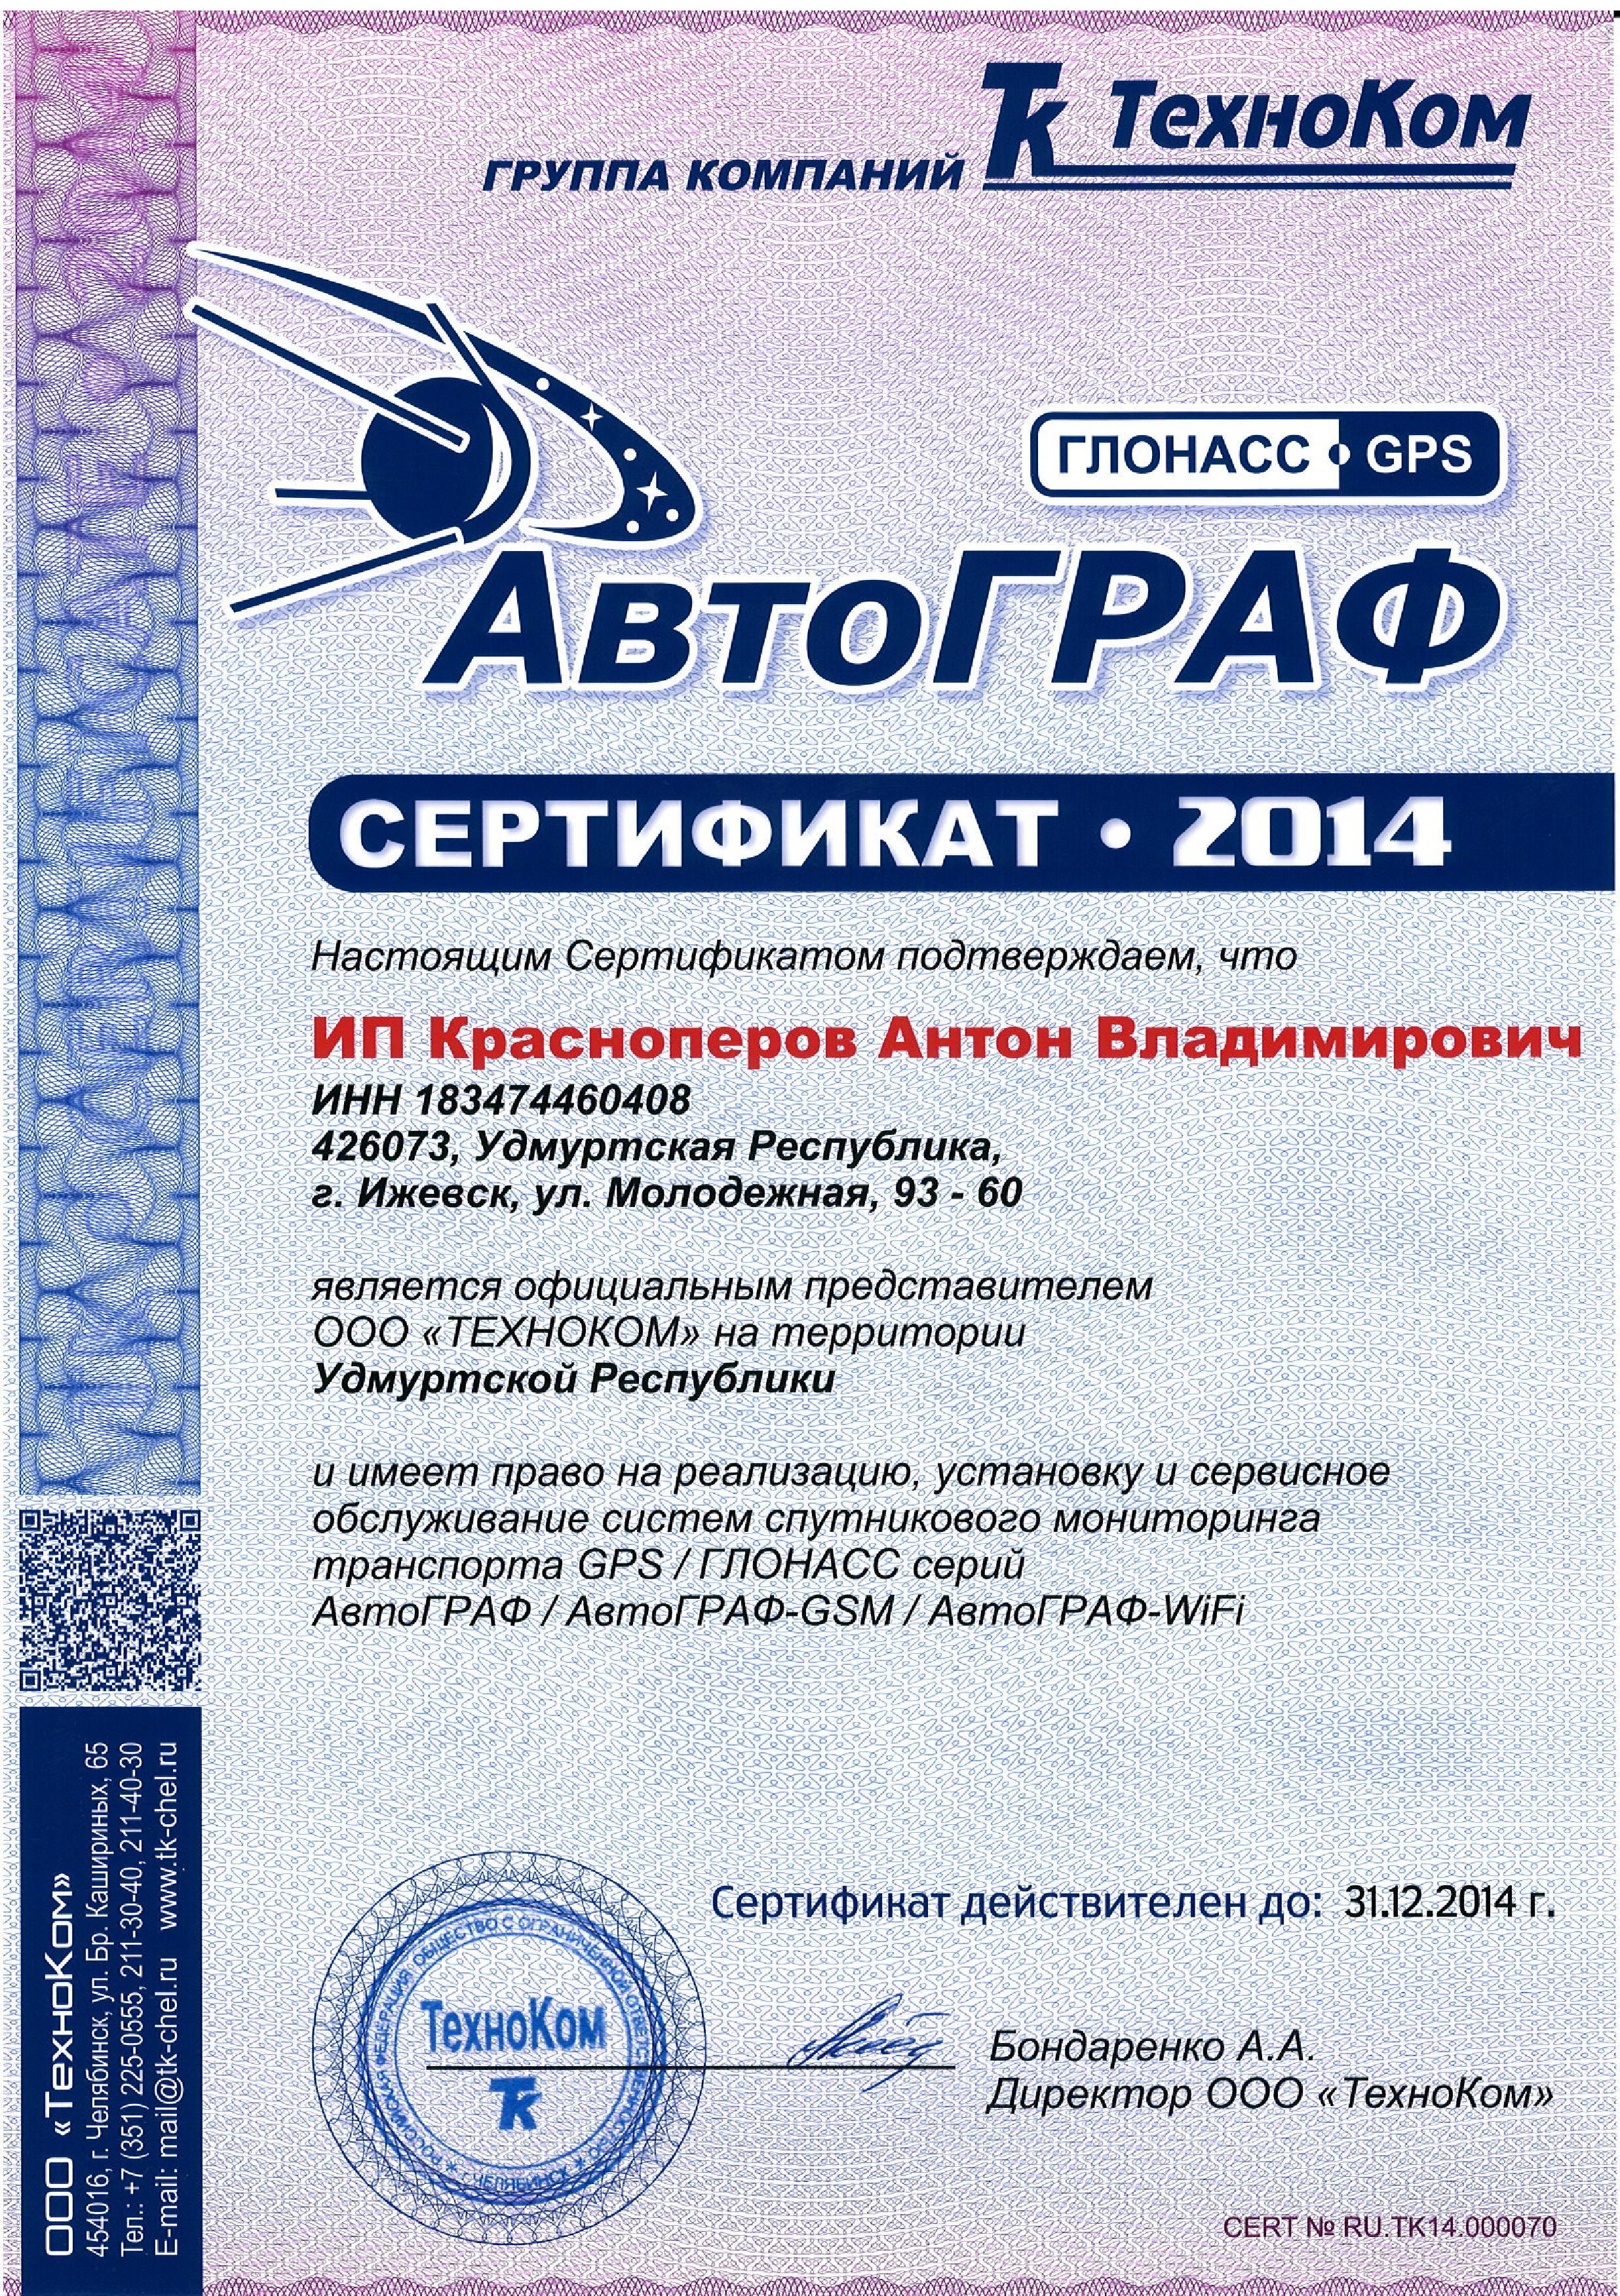 Сертификат АвтоГРАФ-GSM 2010